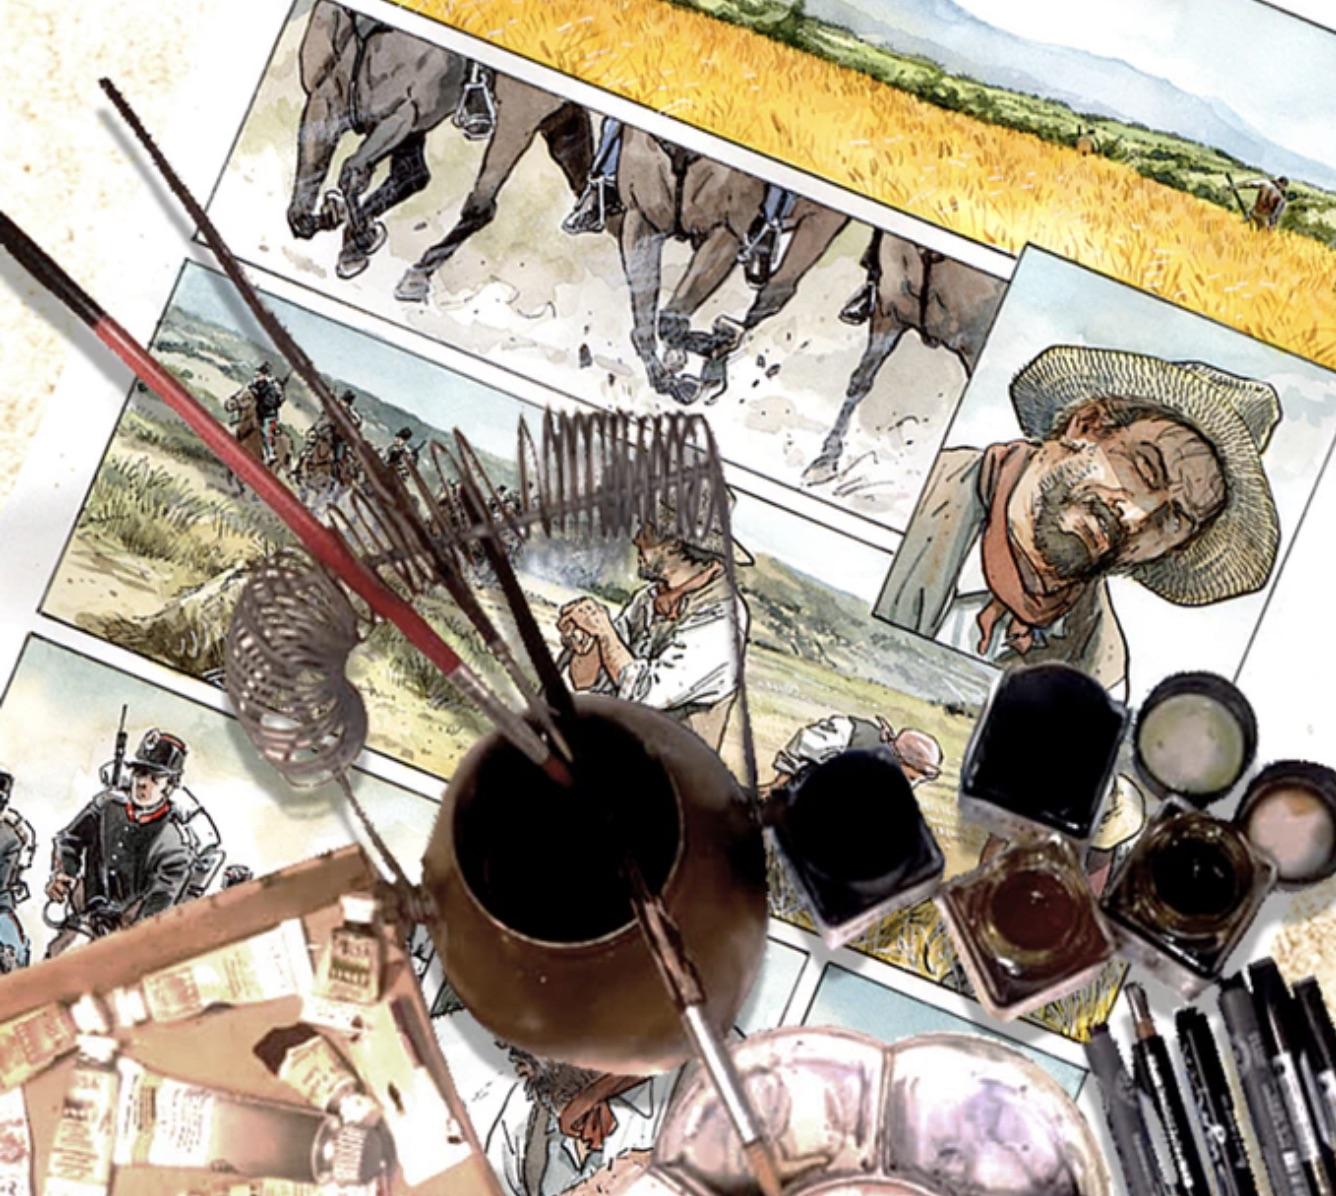 Sangue del tuo Sangue: il fumetto in crowdfunding di Luca Raimondo